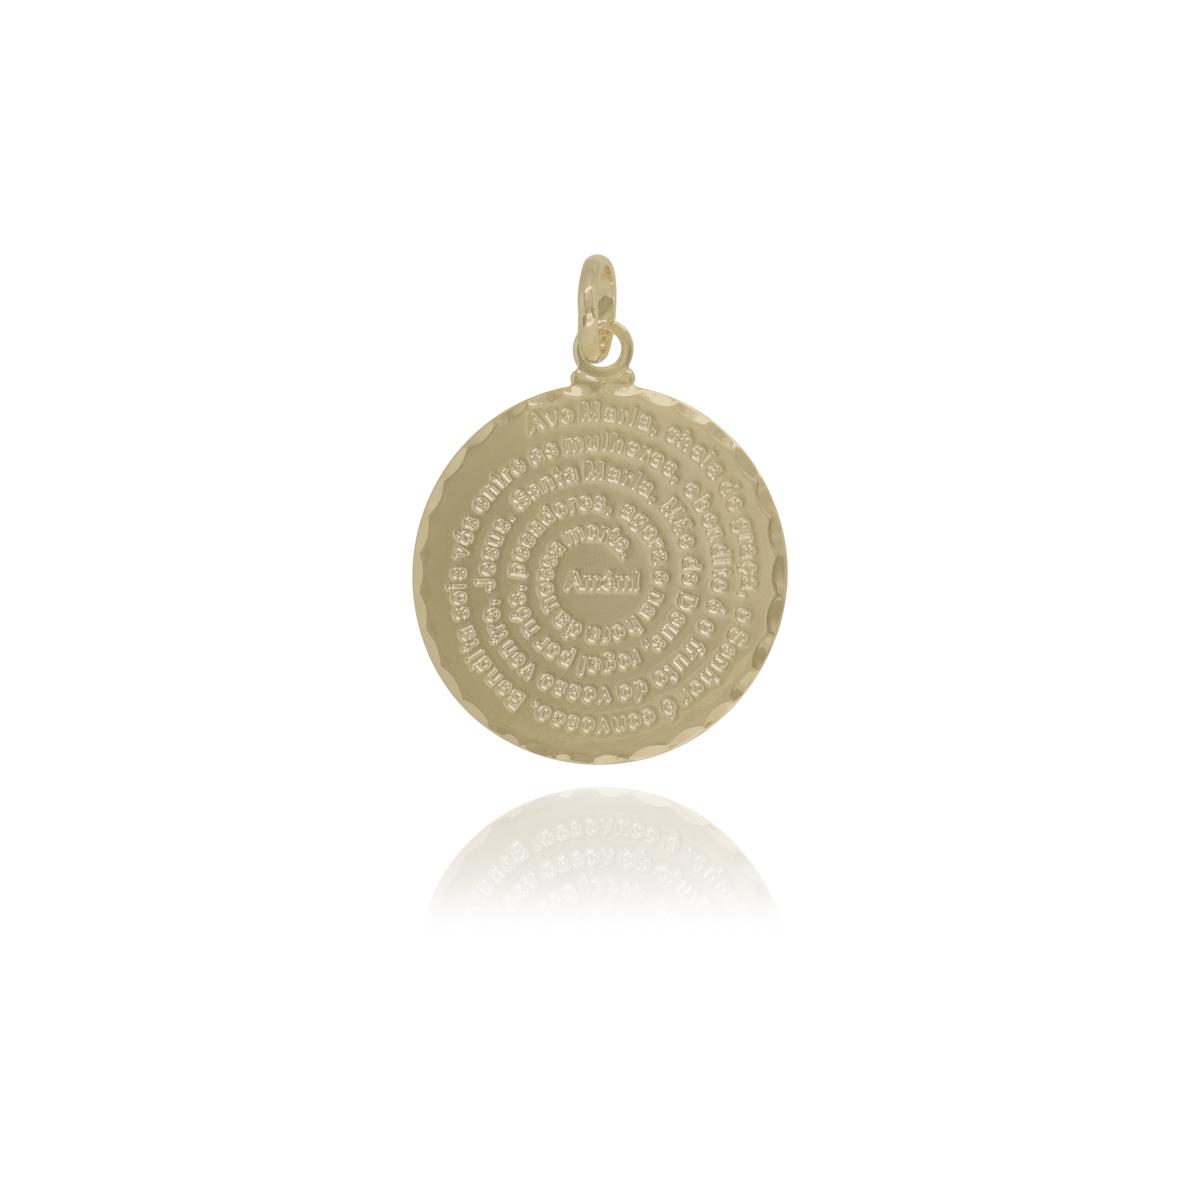 Pingente semijoia medalha Ave Maria 2,5 cm folheado a ouro